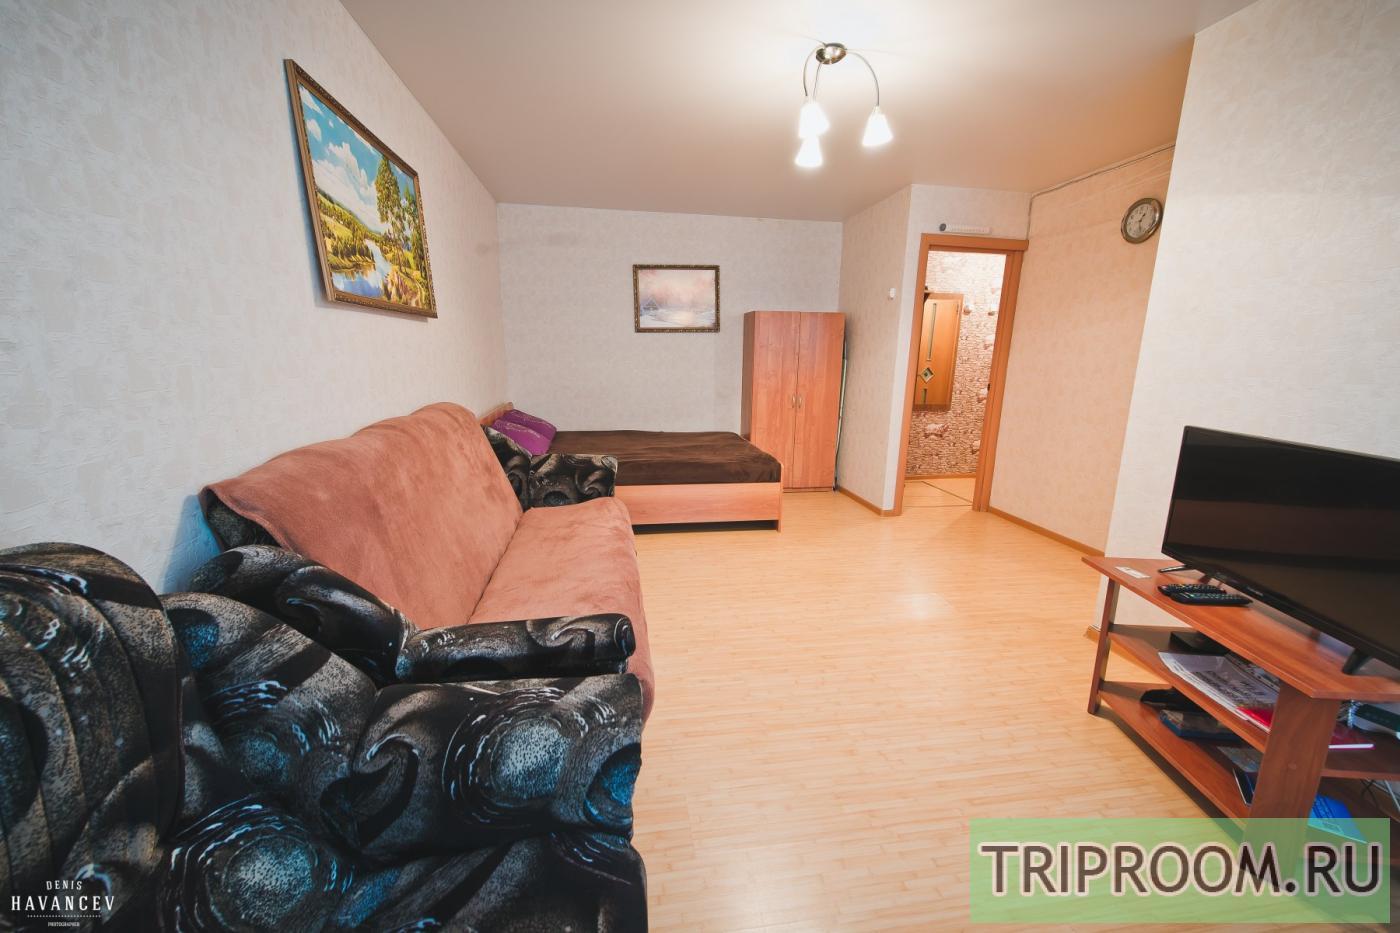 1-комнатная квартира посуточно (вариант № 14829), ул. Космонавтов набережная, фото № 1